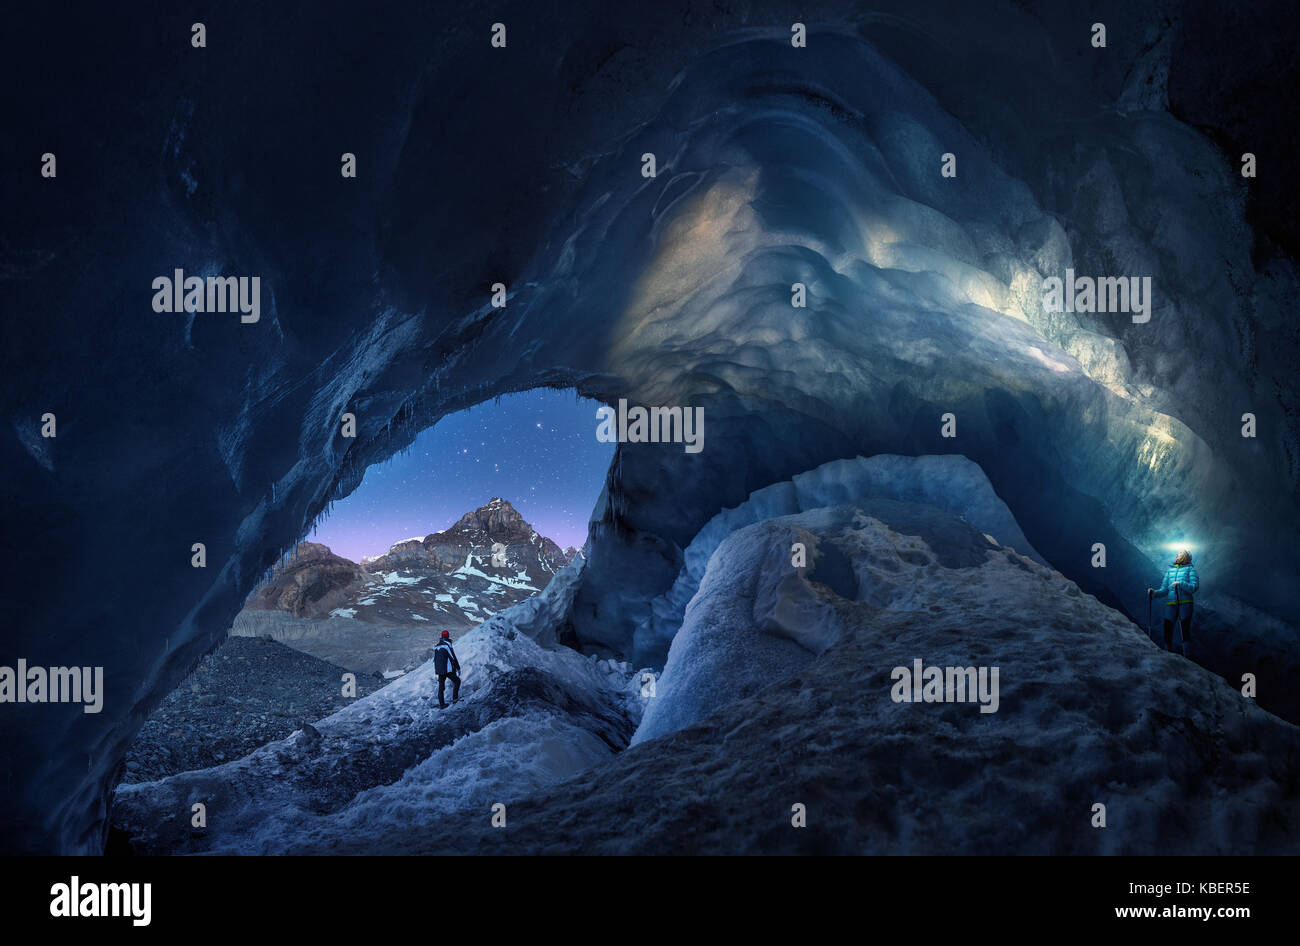 Gli esploratori grotta nel ghiacciaio athacasca caverna di ghiaccio in Canada. Immagini Stock